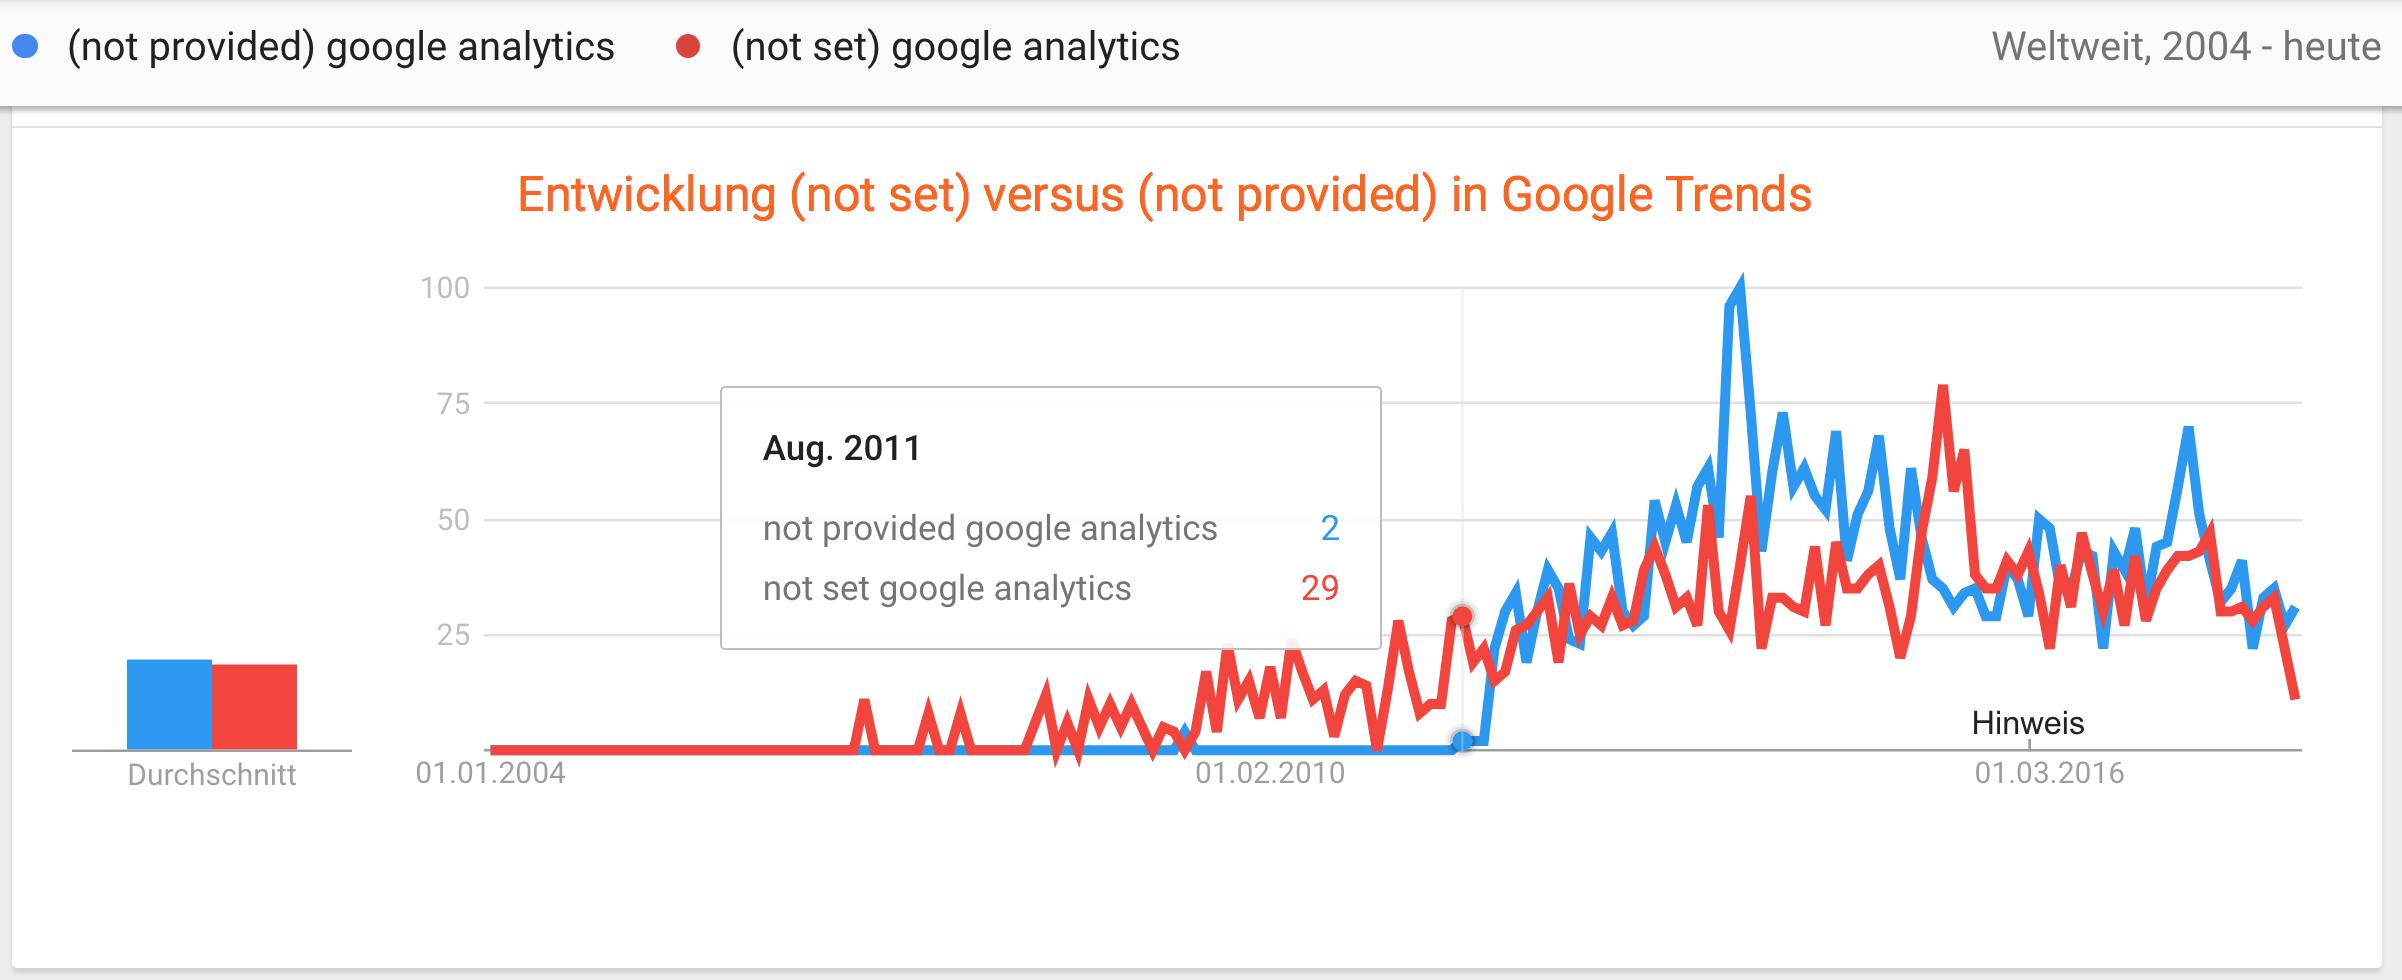 Was ist der Unterschied zwischen (not set) und (not provide) in Google Analytics und wie hat sich das in Google Trends entwickelt